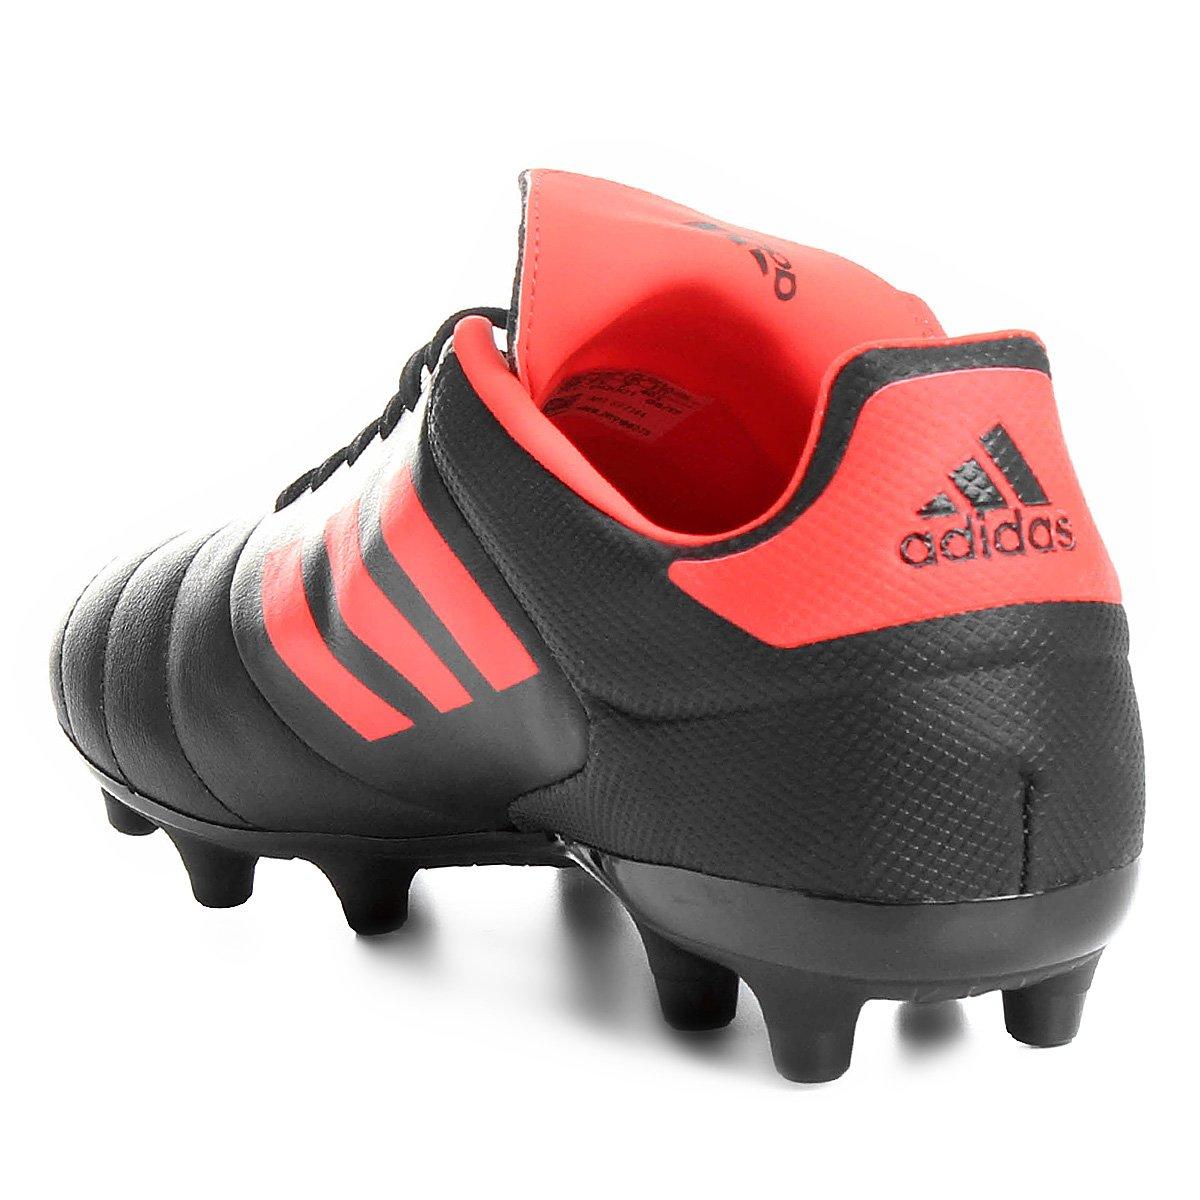 Chuteira Campo Adidas Copa 17.3 FG - Preto - Compre Agora  c41d59653bdee